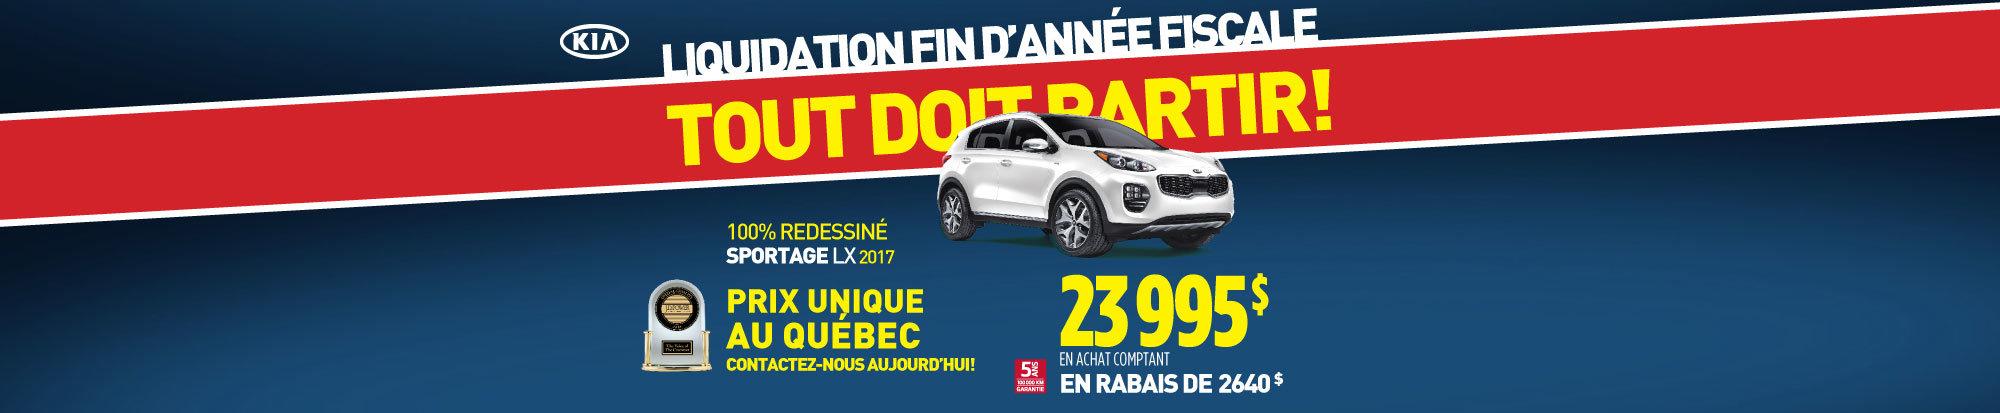 Liquidation de fin d'année:  Le Kia Sportage 2017